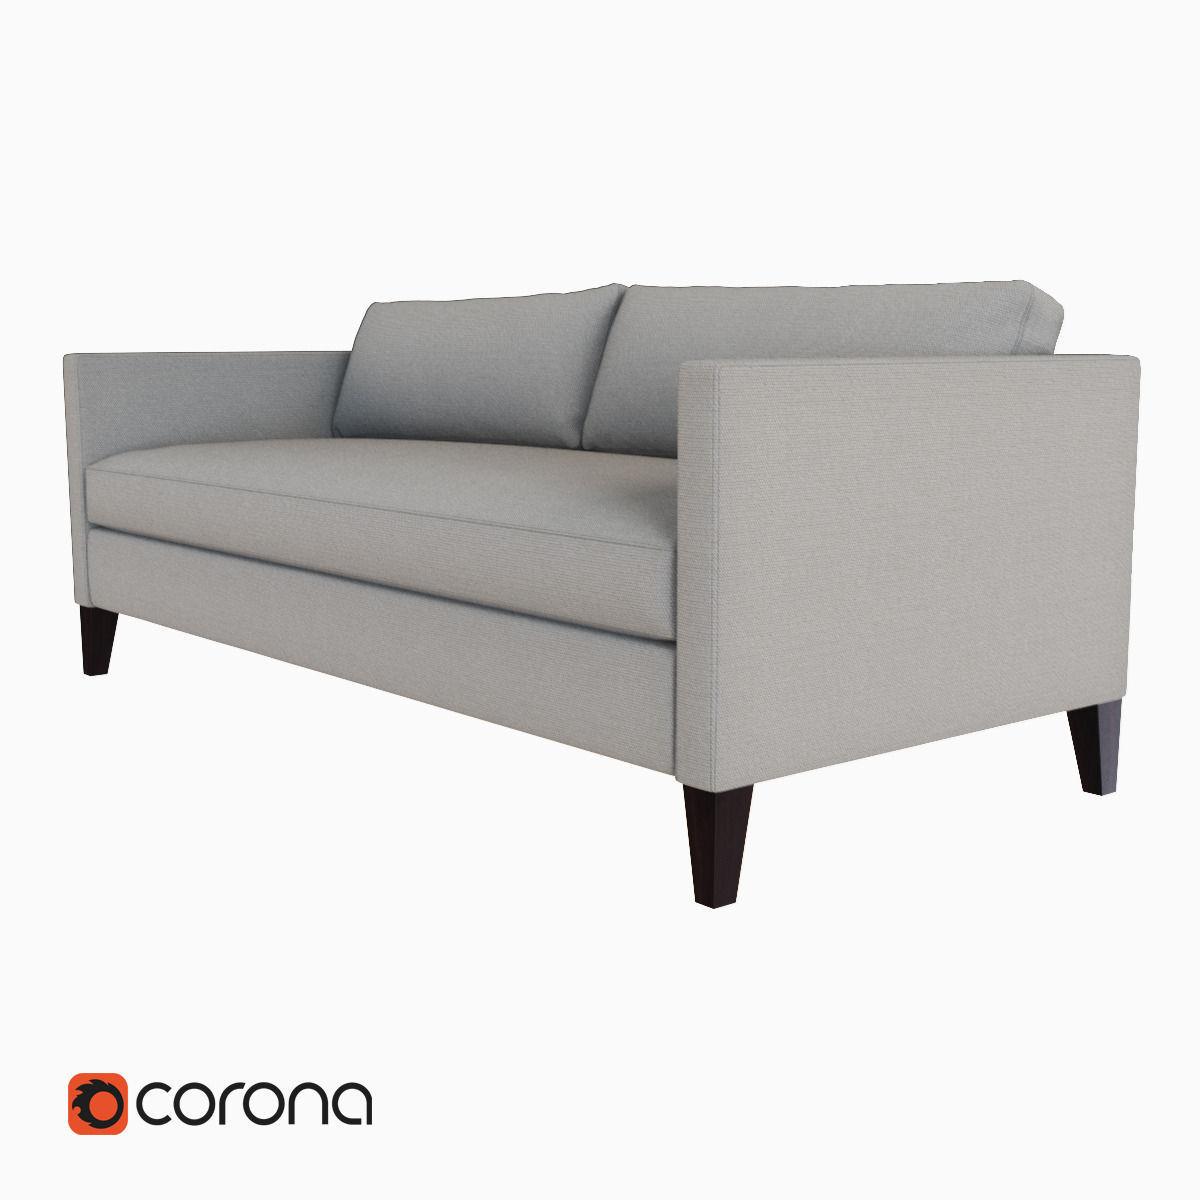 West Elm Dunham Down Filled Sofa Box Cushion Model Max Obj Mtl Fbx